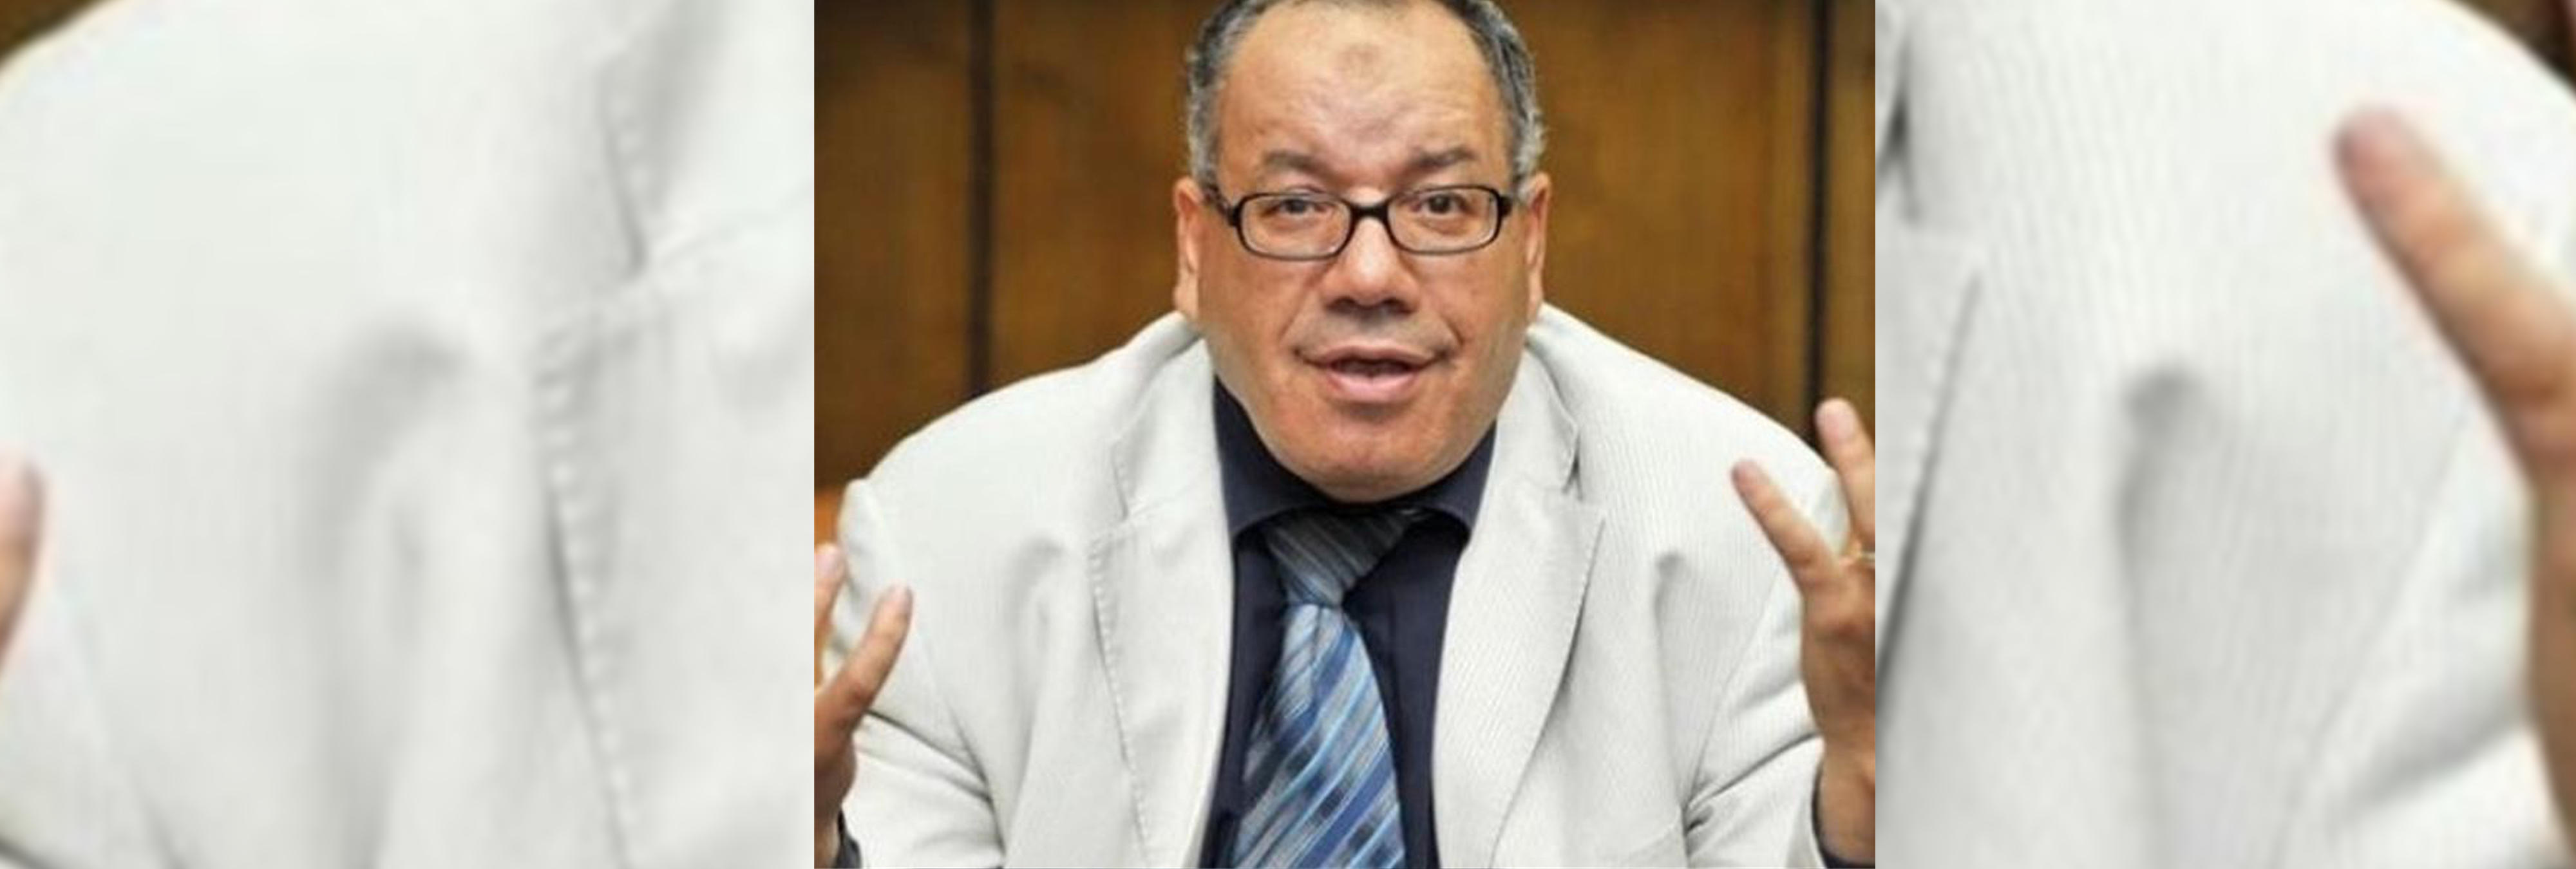 Un abogado egipcio dice que es deber nacional violar a mujeres que lleven ropa provocativa